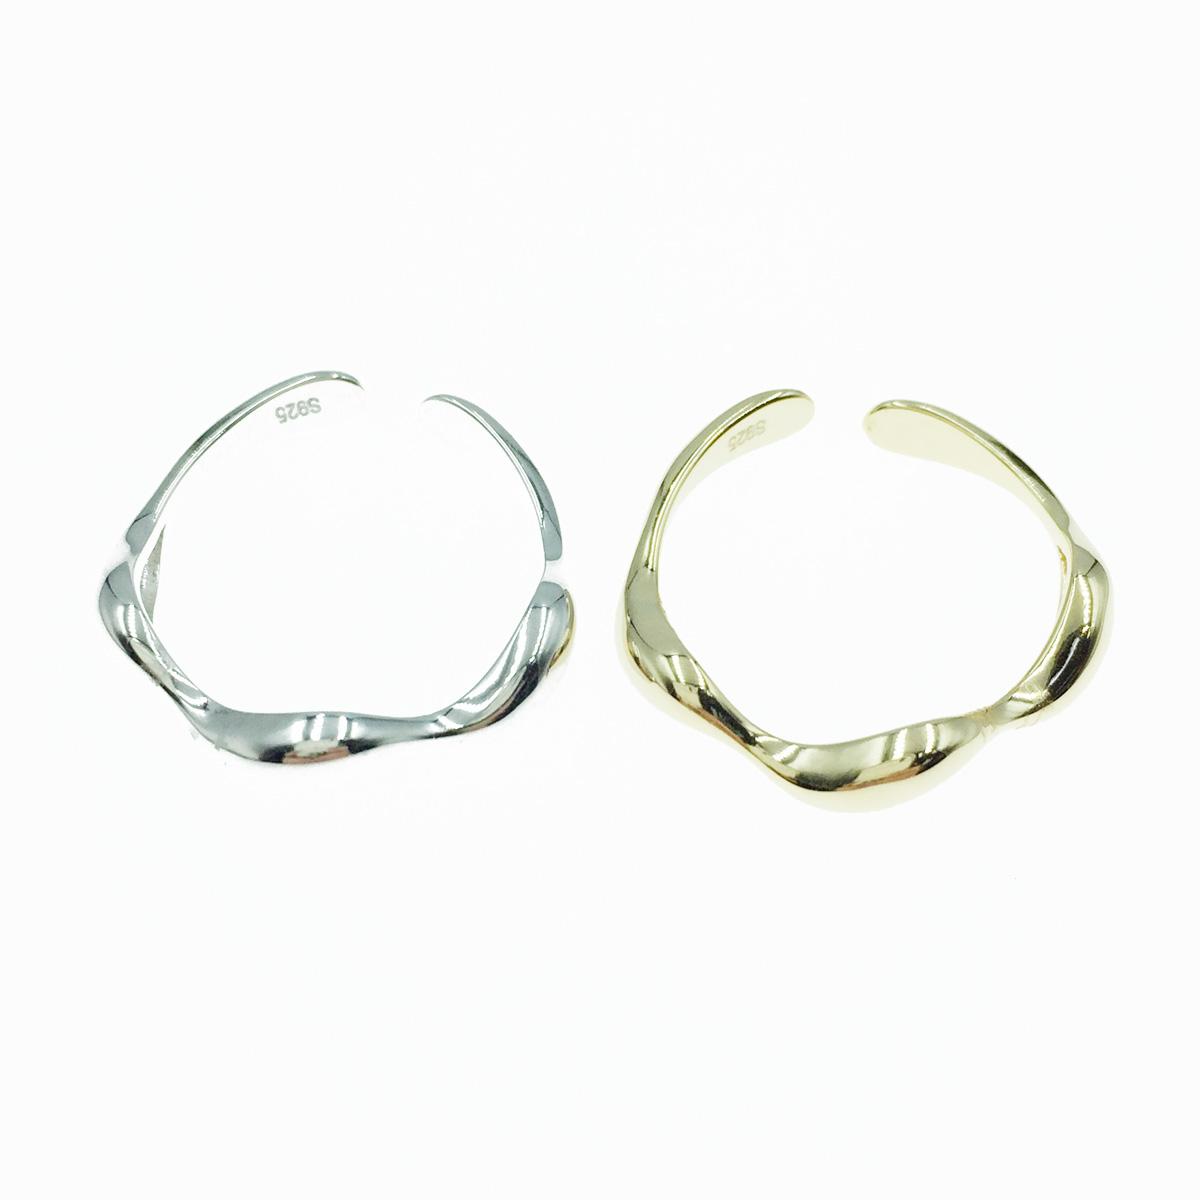 韓國 925純銀 波動曲線 2色 金屬簡約風 可調式 戒指